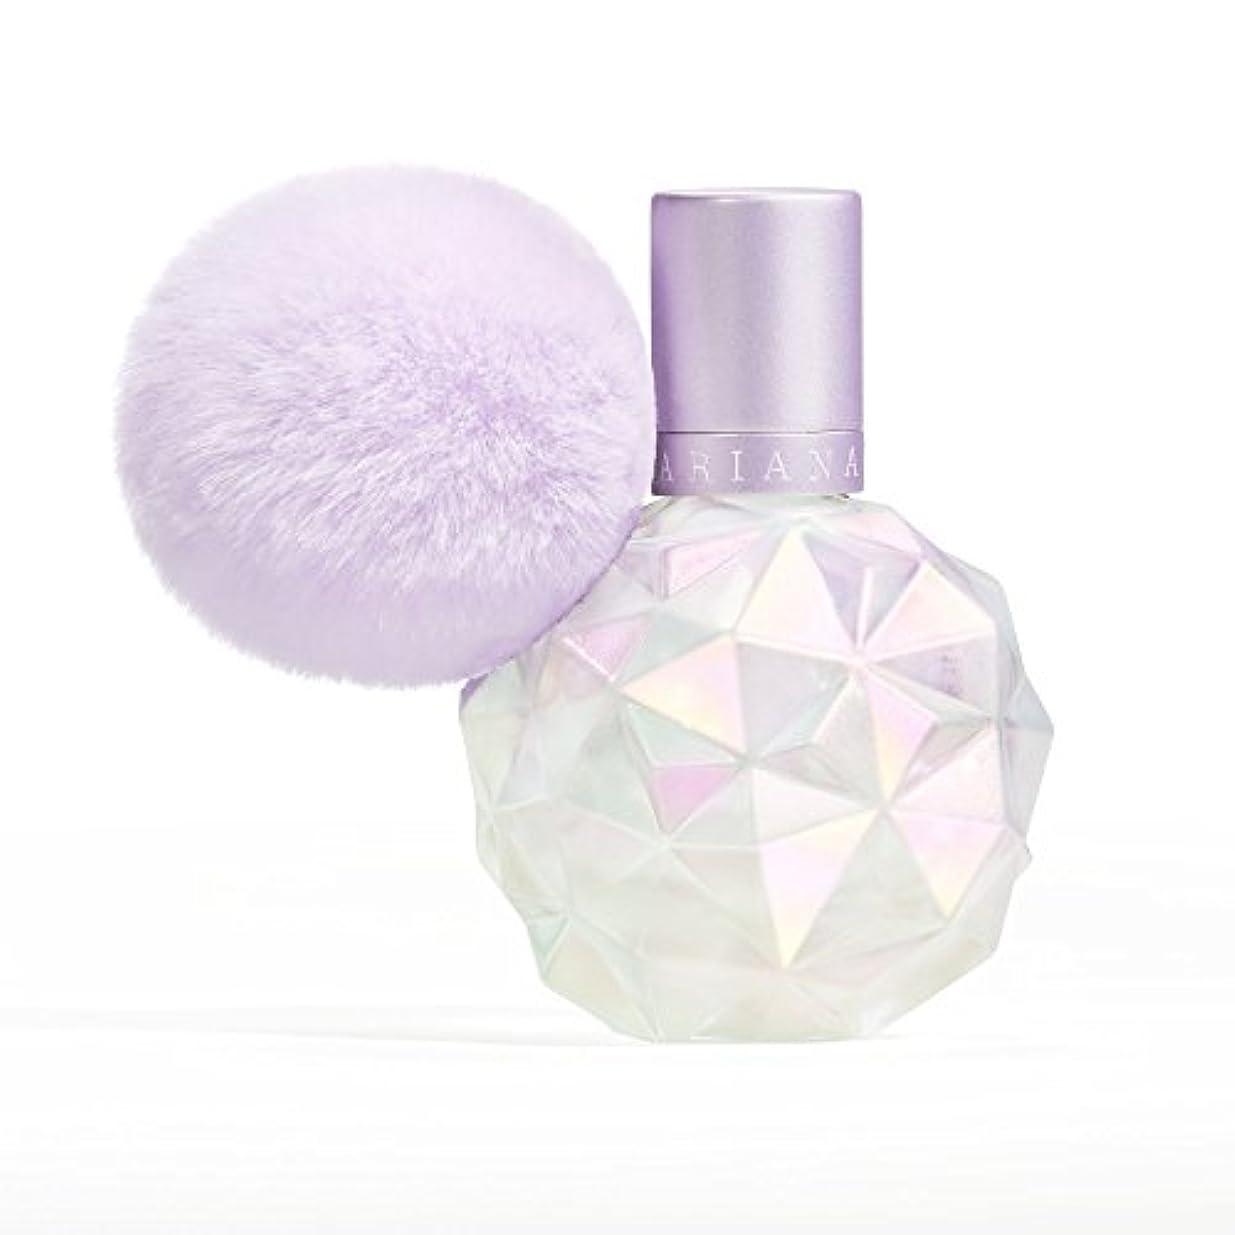 居間過剰自慢Ariana Grande Moonlight Women's Perfume(アリアナ グランデ ムーンライト パフューム) 30 ml